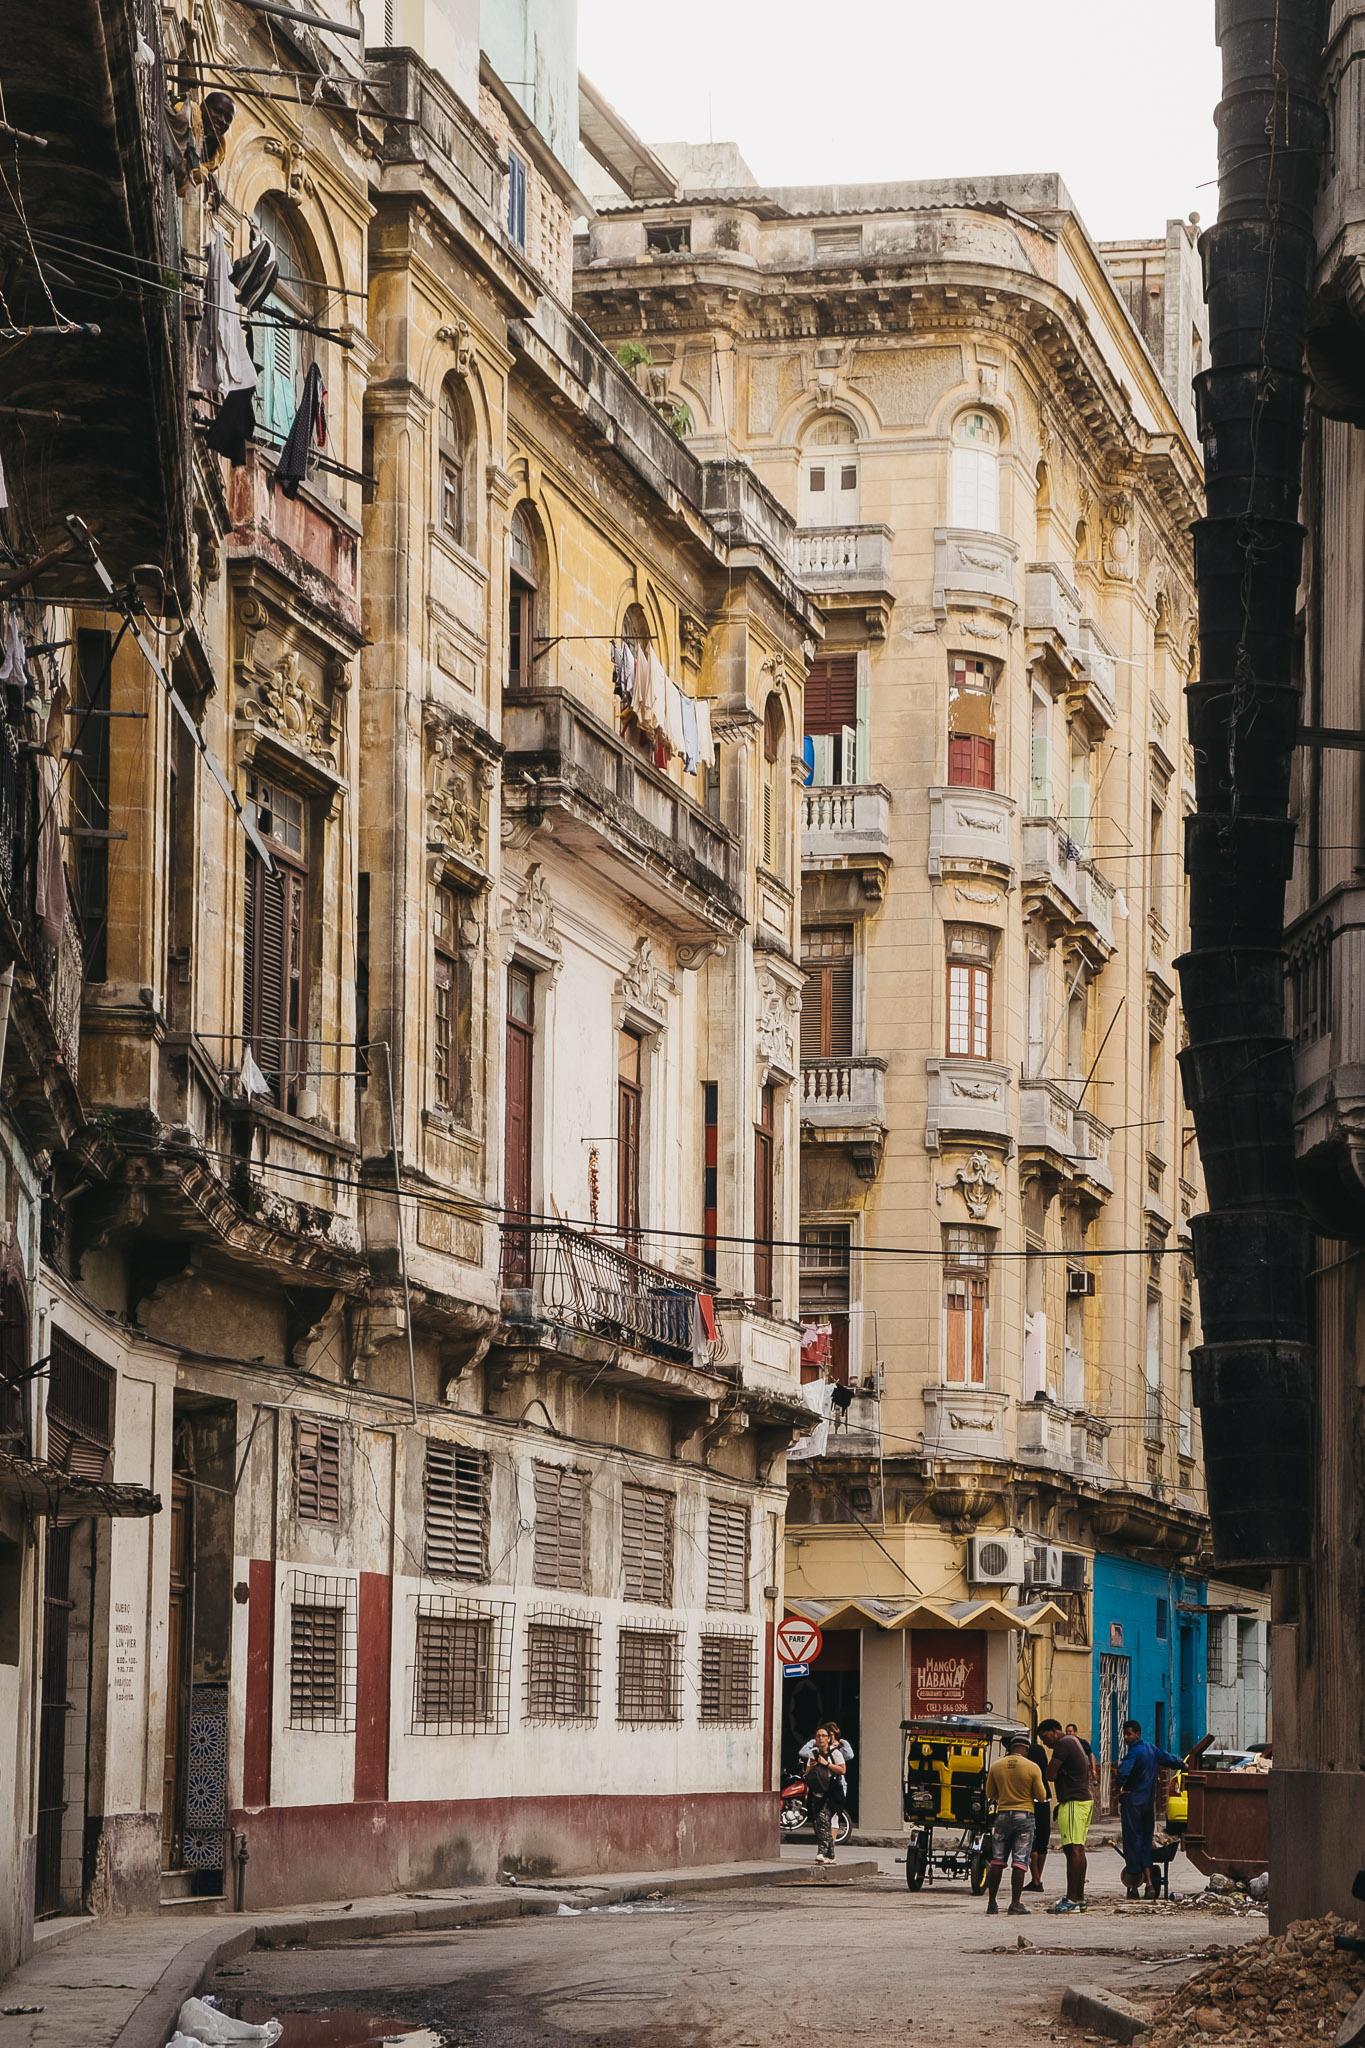 Cuba-2017-12-Havana-0555.jpg